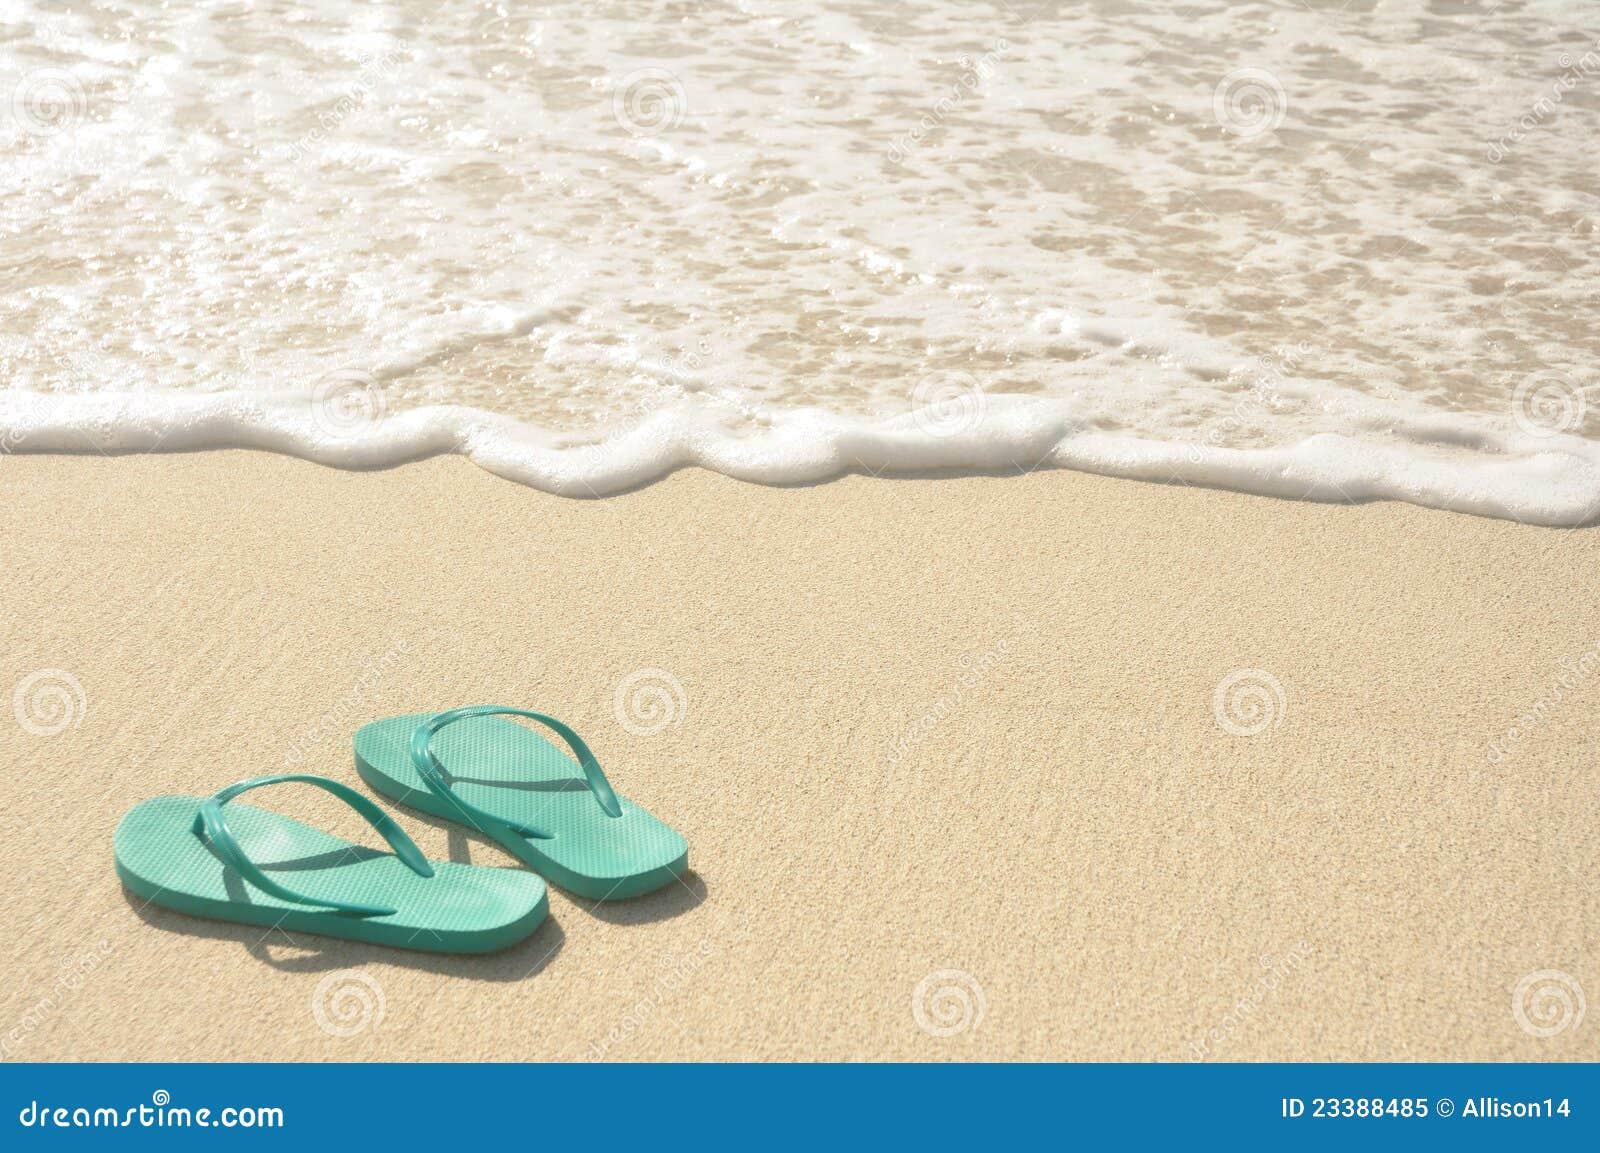 Green Flip Flops on Beach